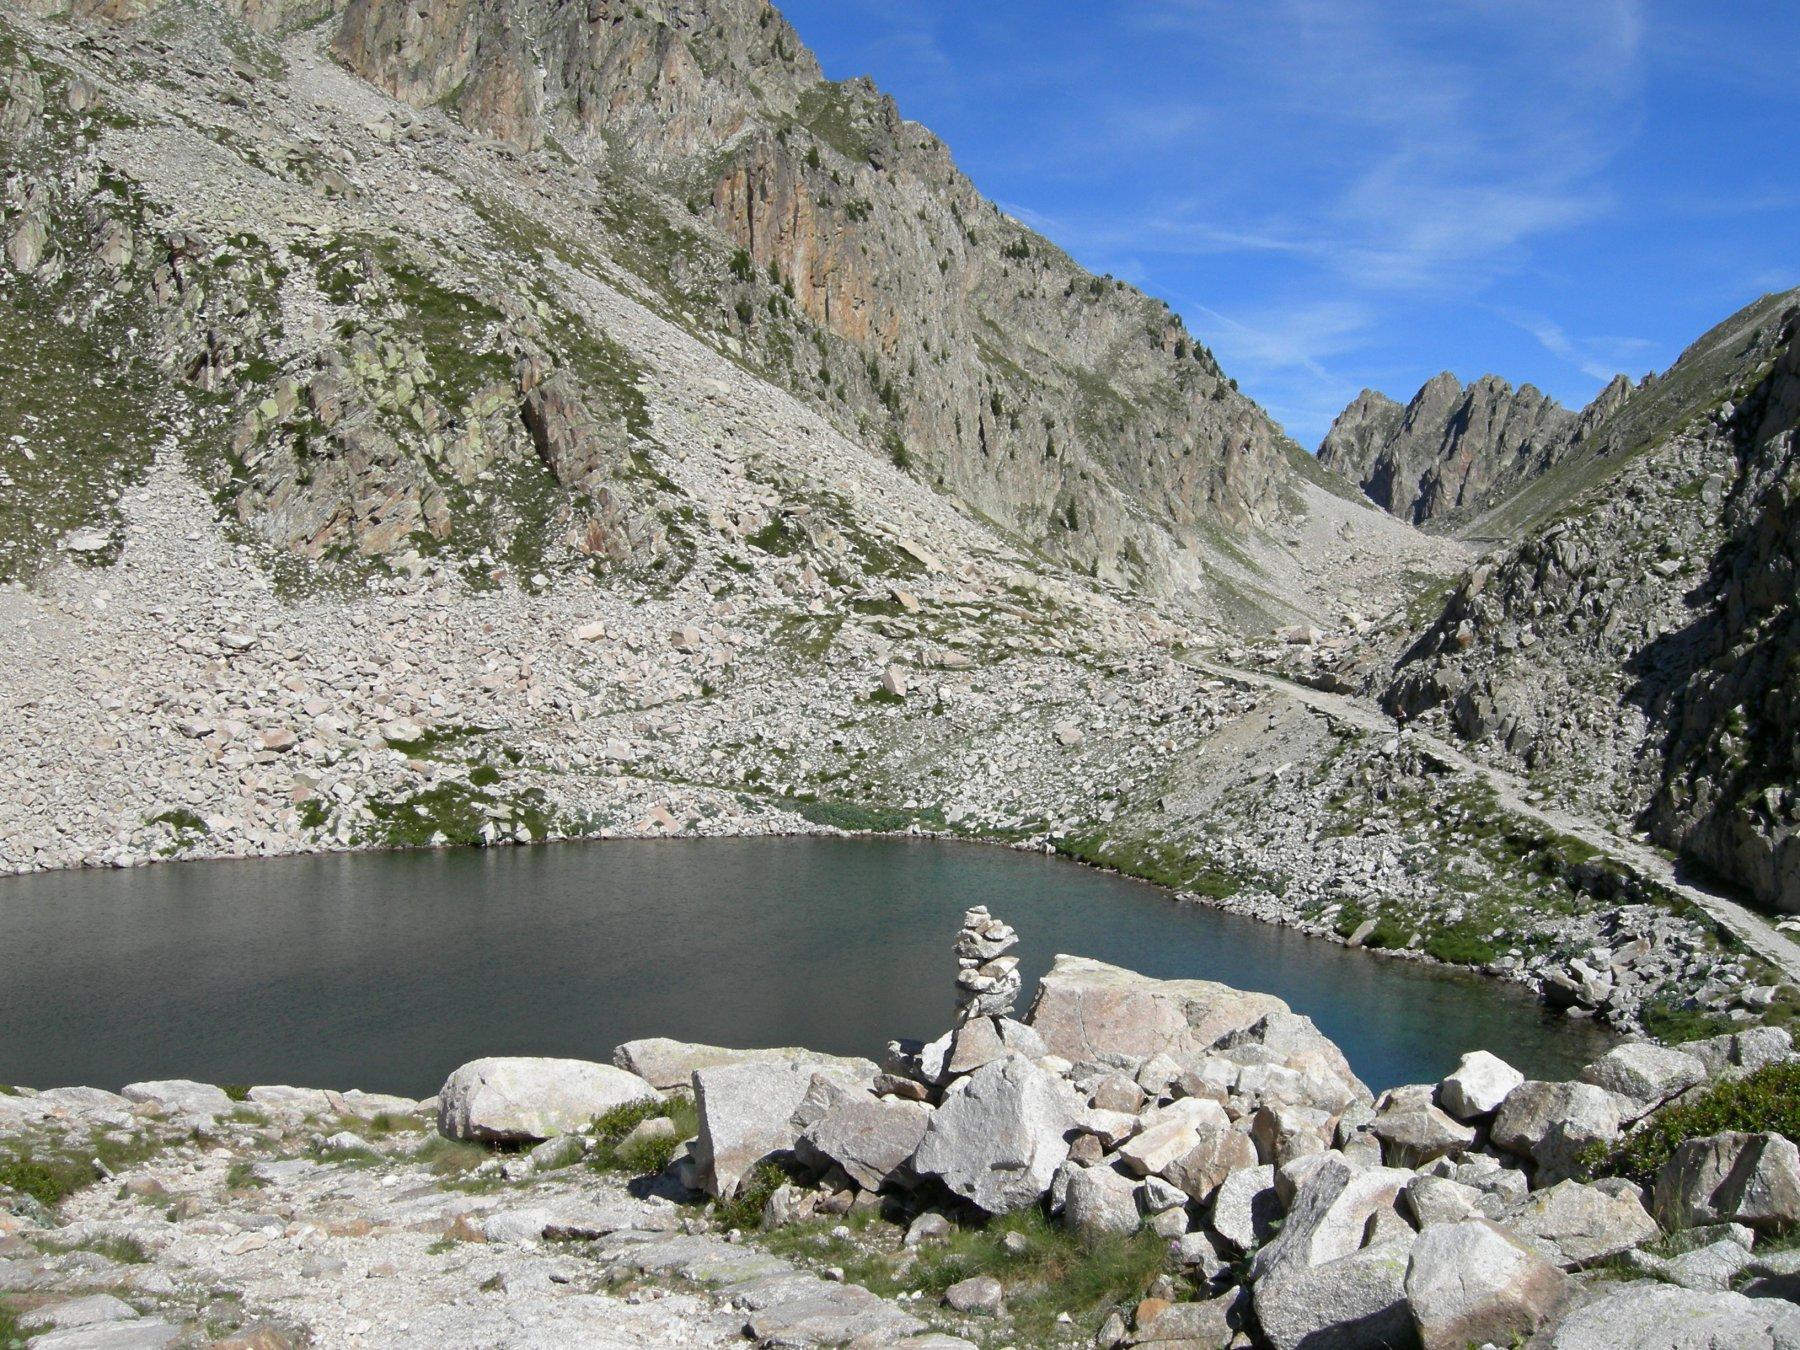 lago mediano salendo verso il bivacco